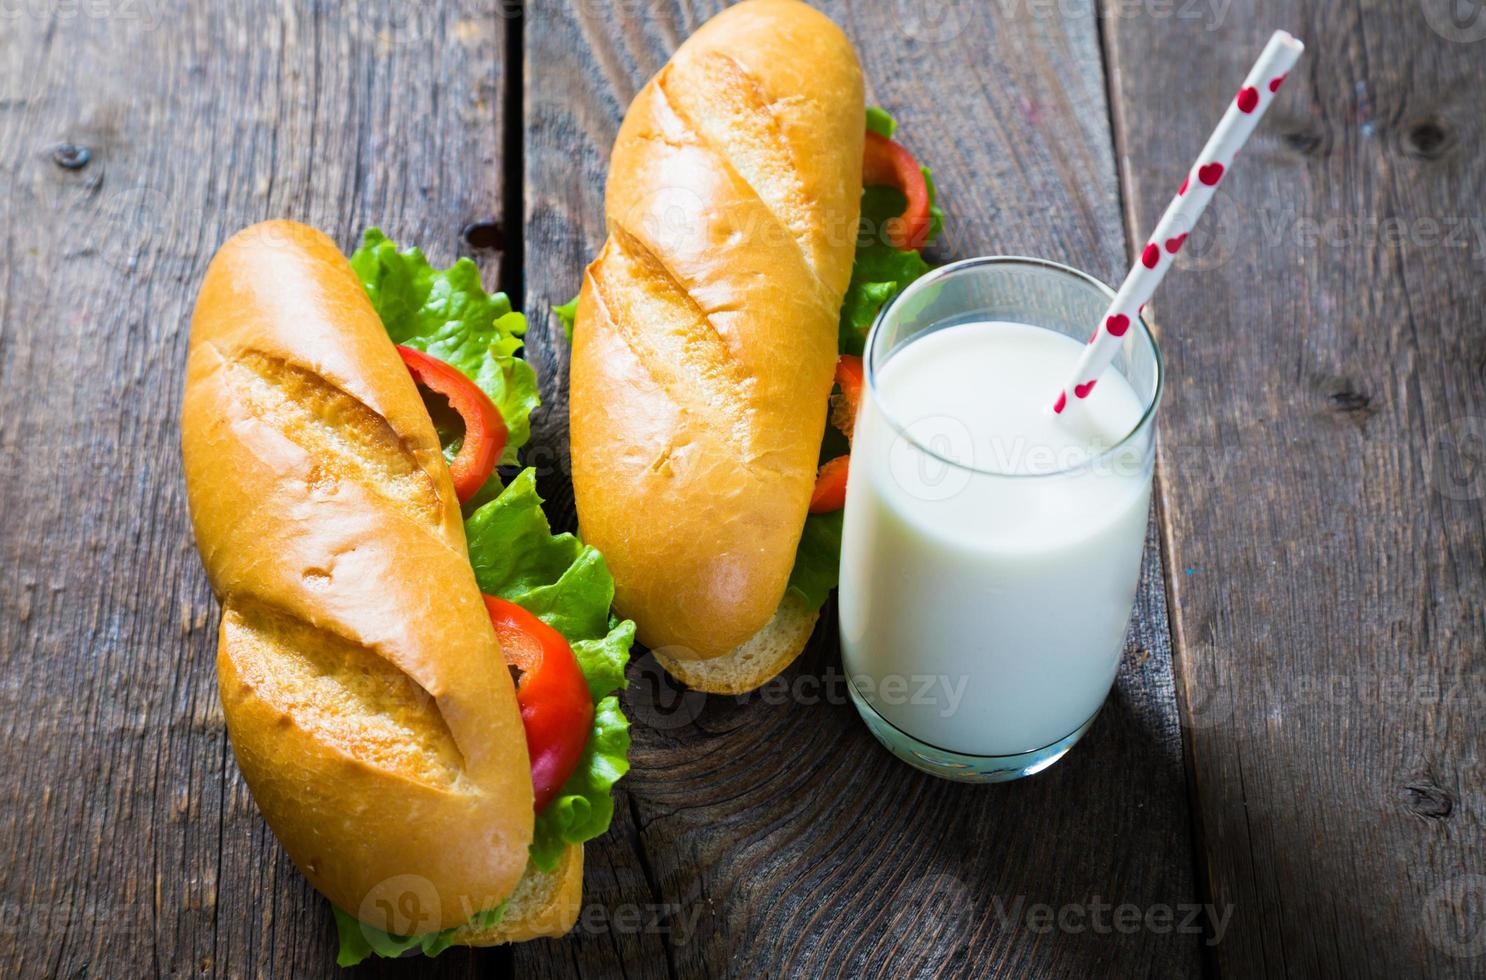 smörgåsar och mjölk foto